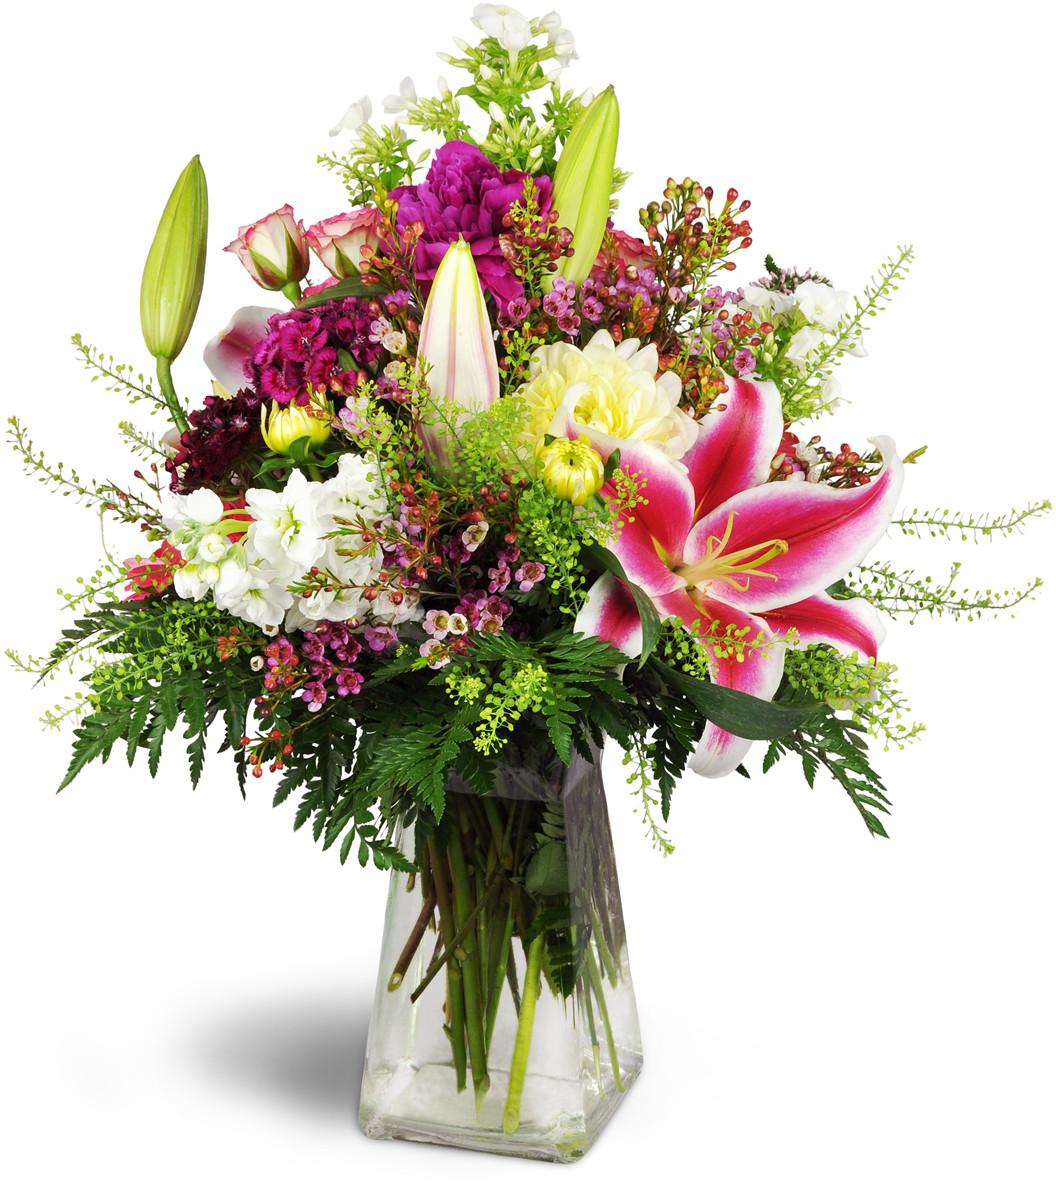 Wedding Flowers Salt Lake City Utah : Flowers salt lake city ut florist